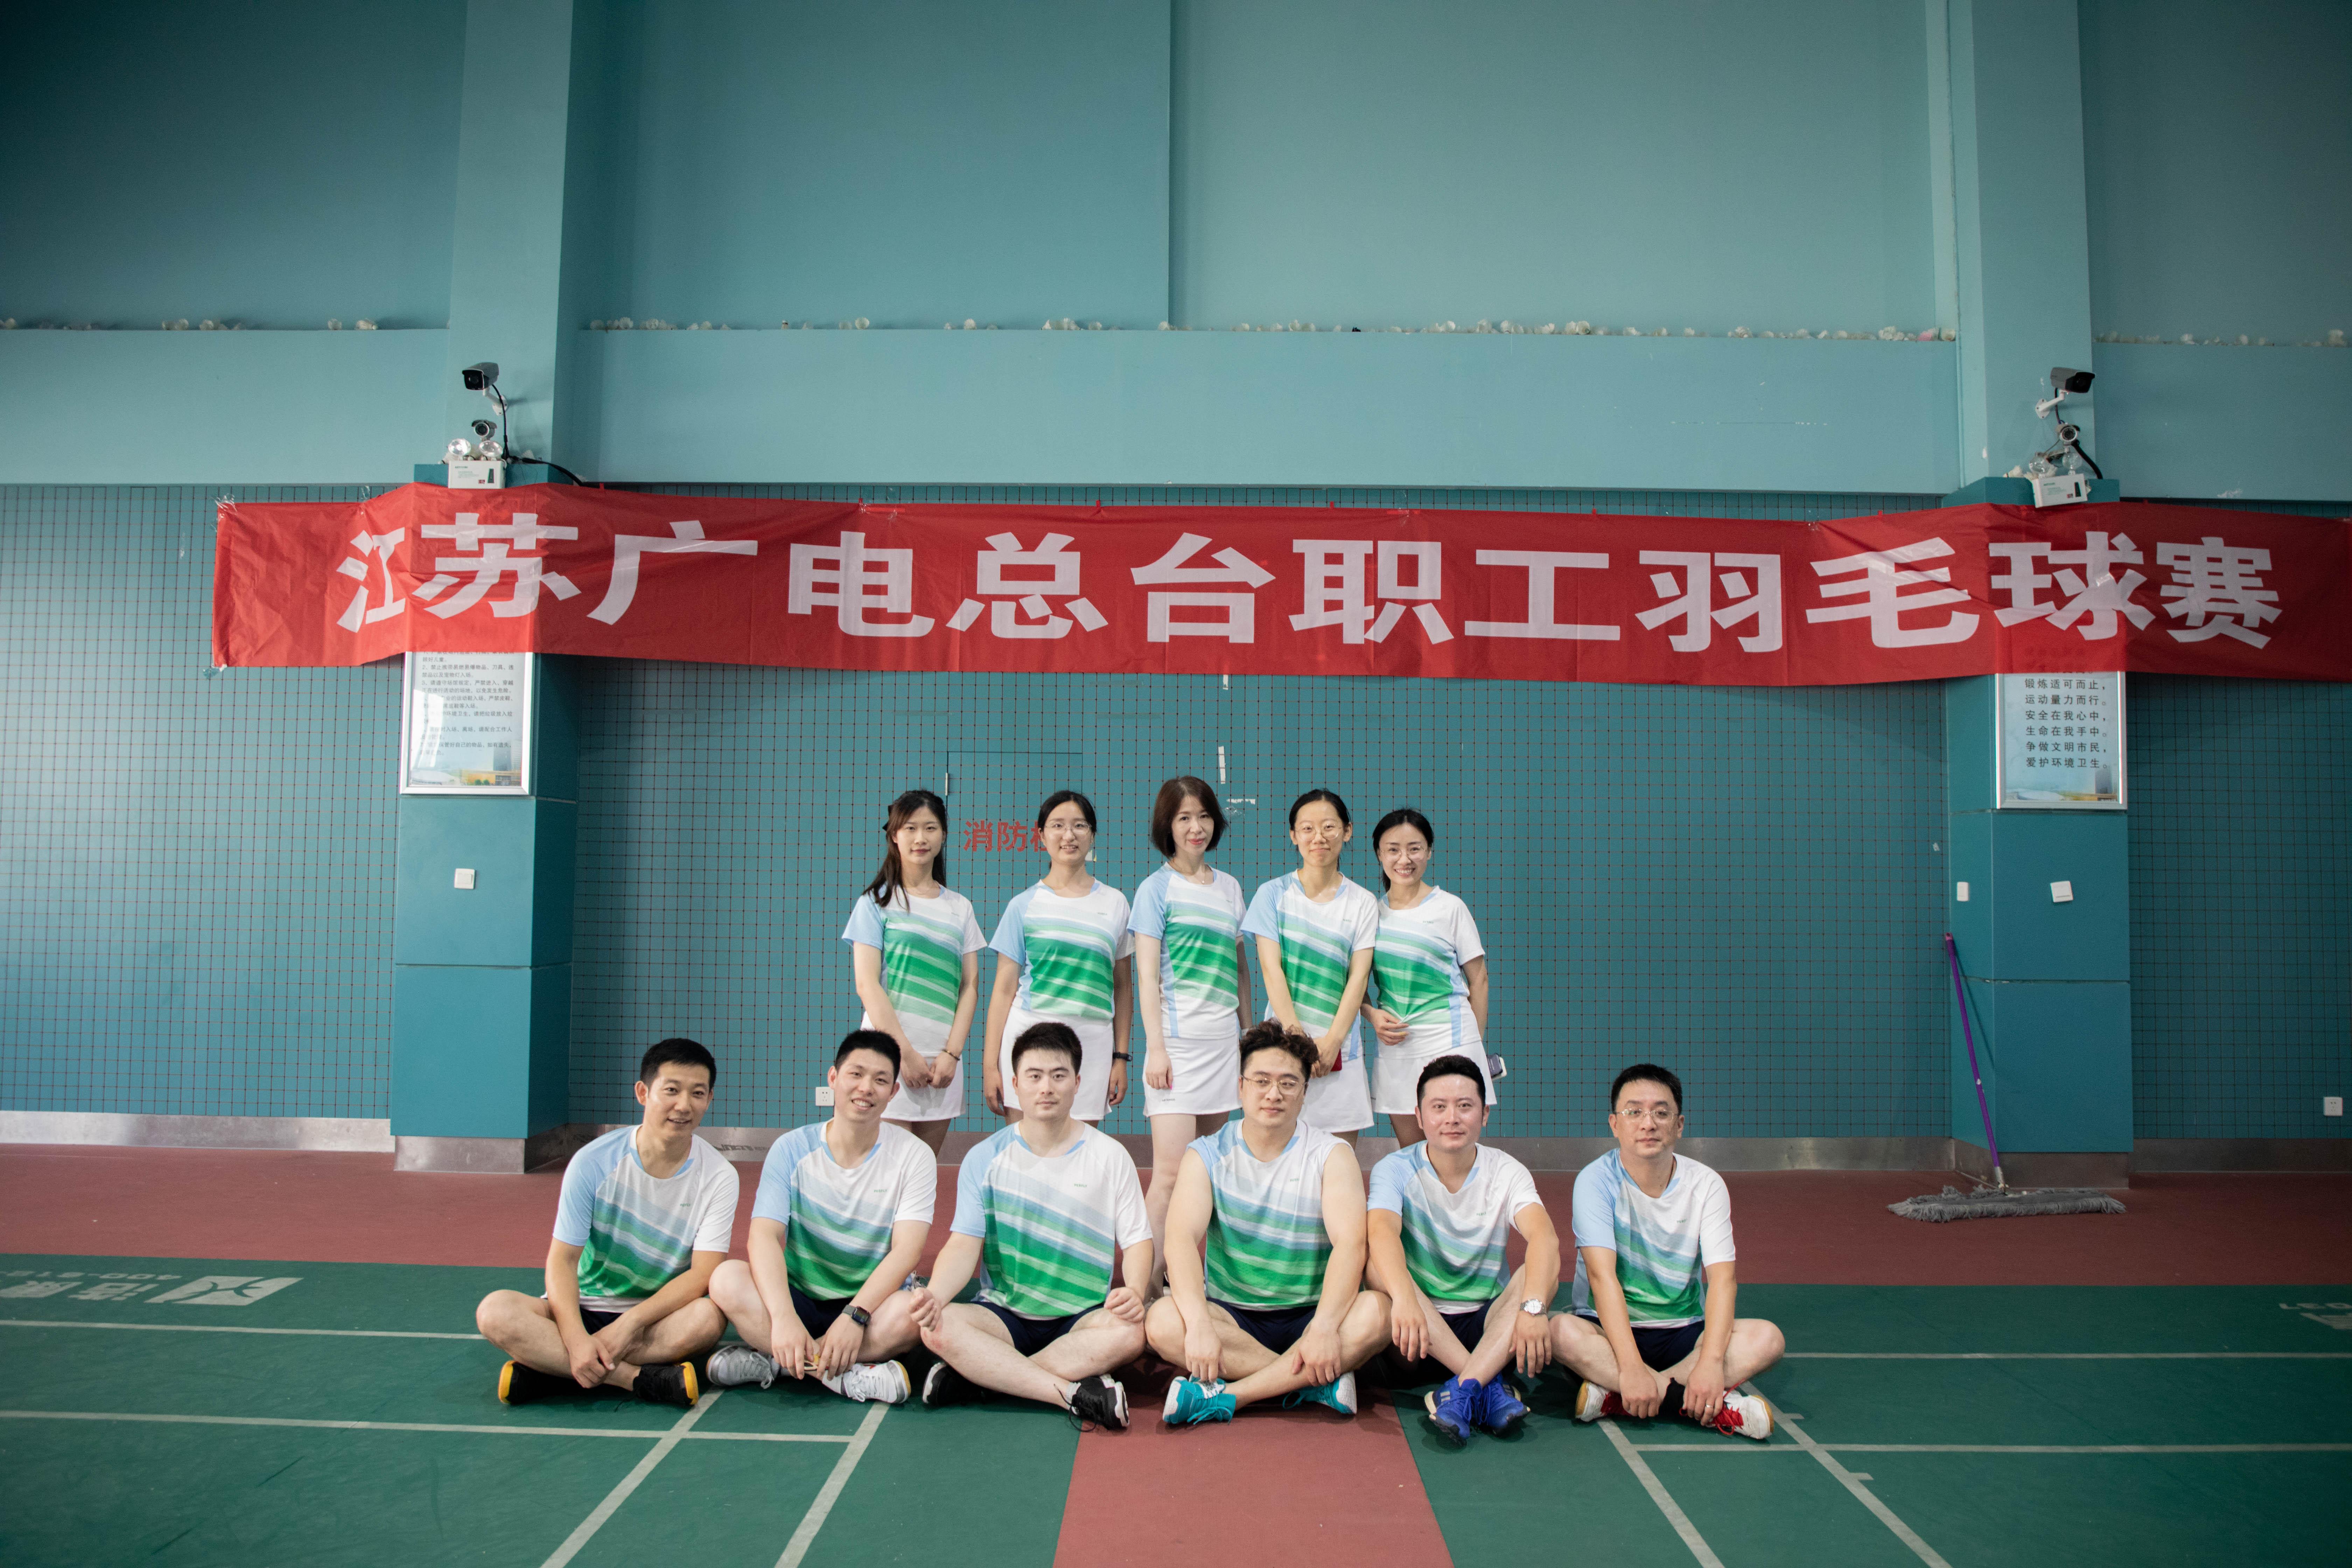 江蘇廣電總臺職工羽毛球賽——資產運營部球隊